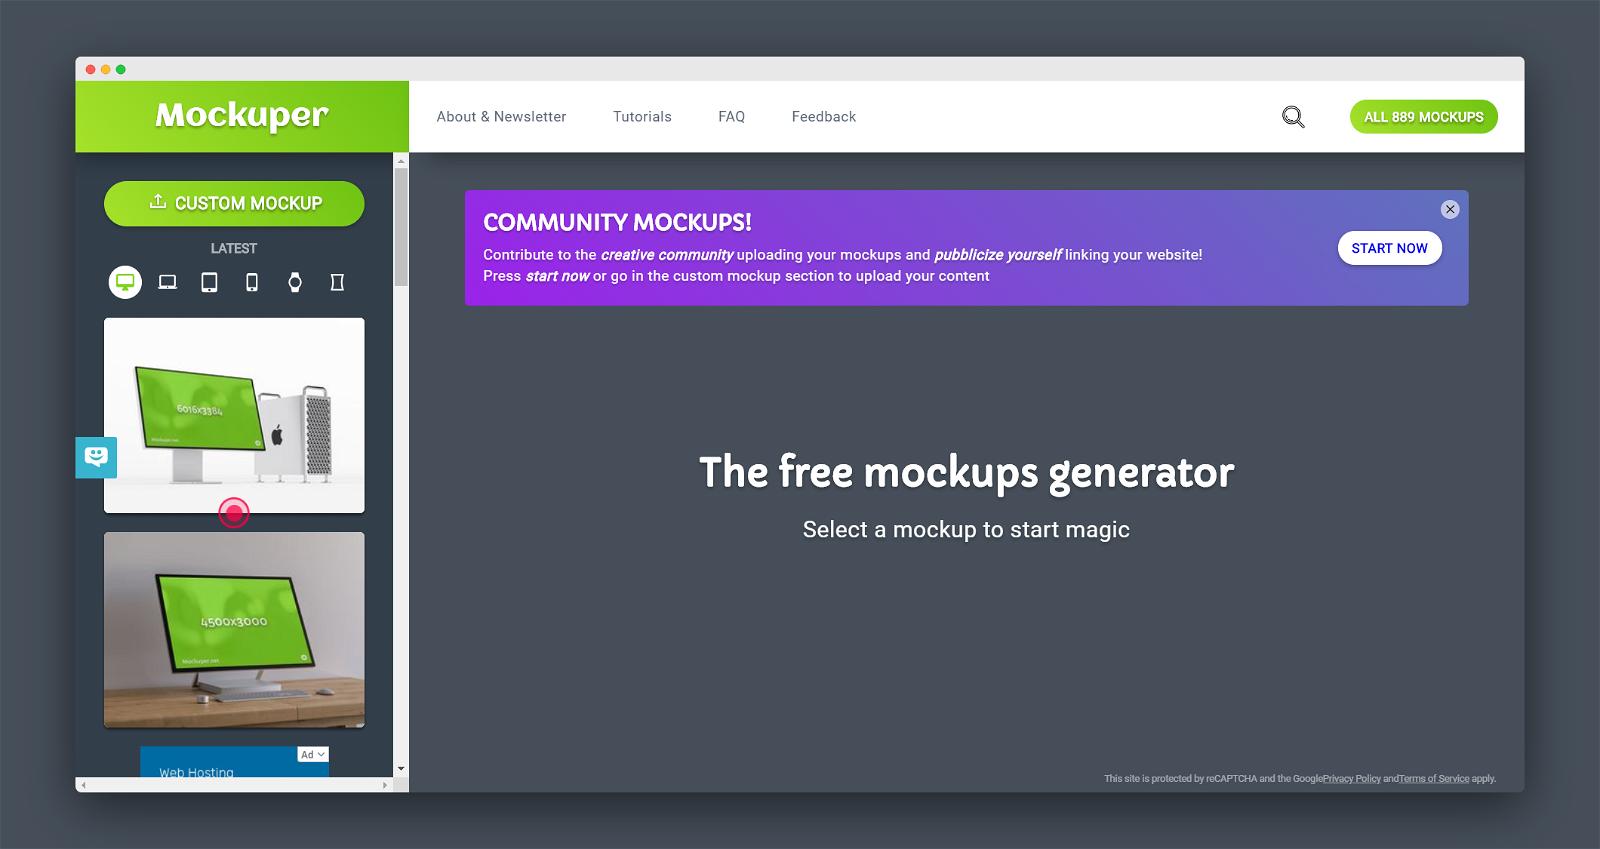 Mockuper Screenshot 1